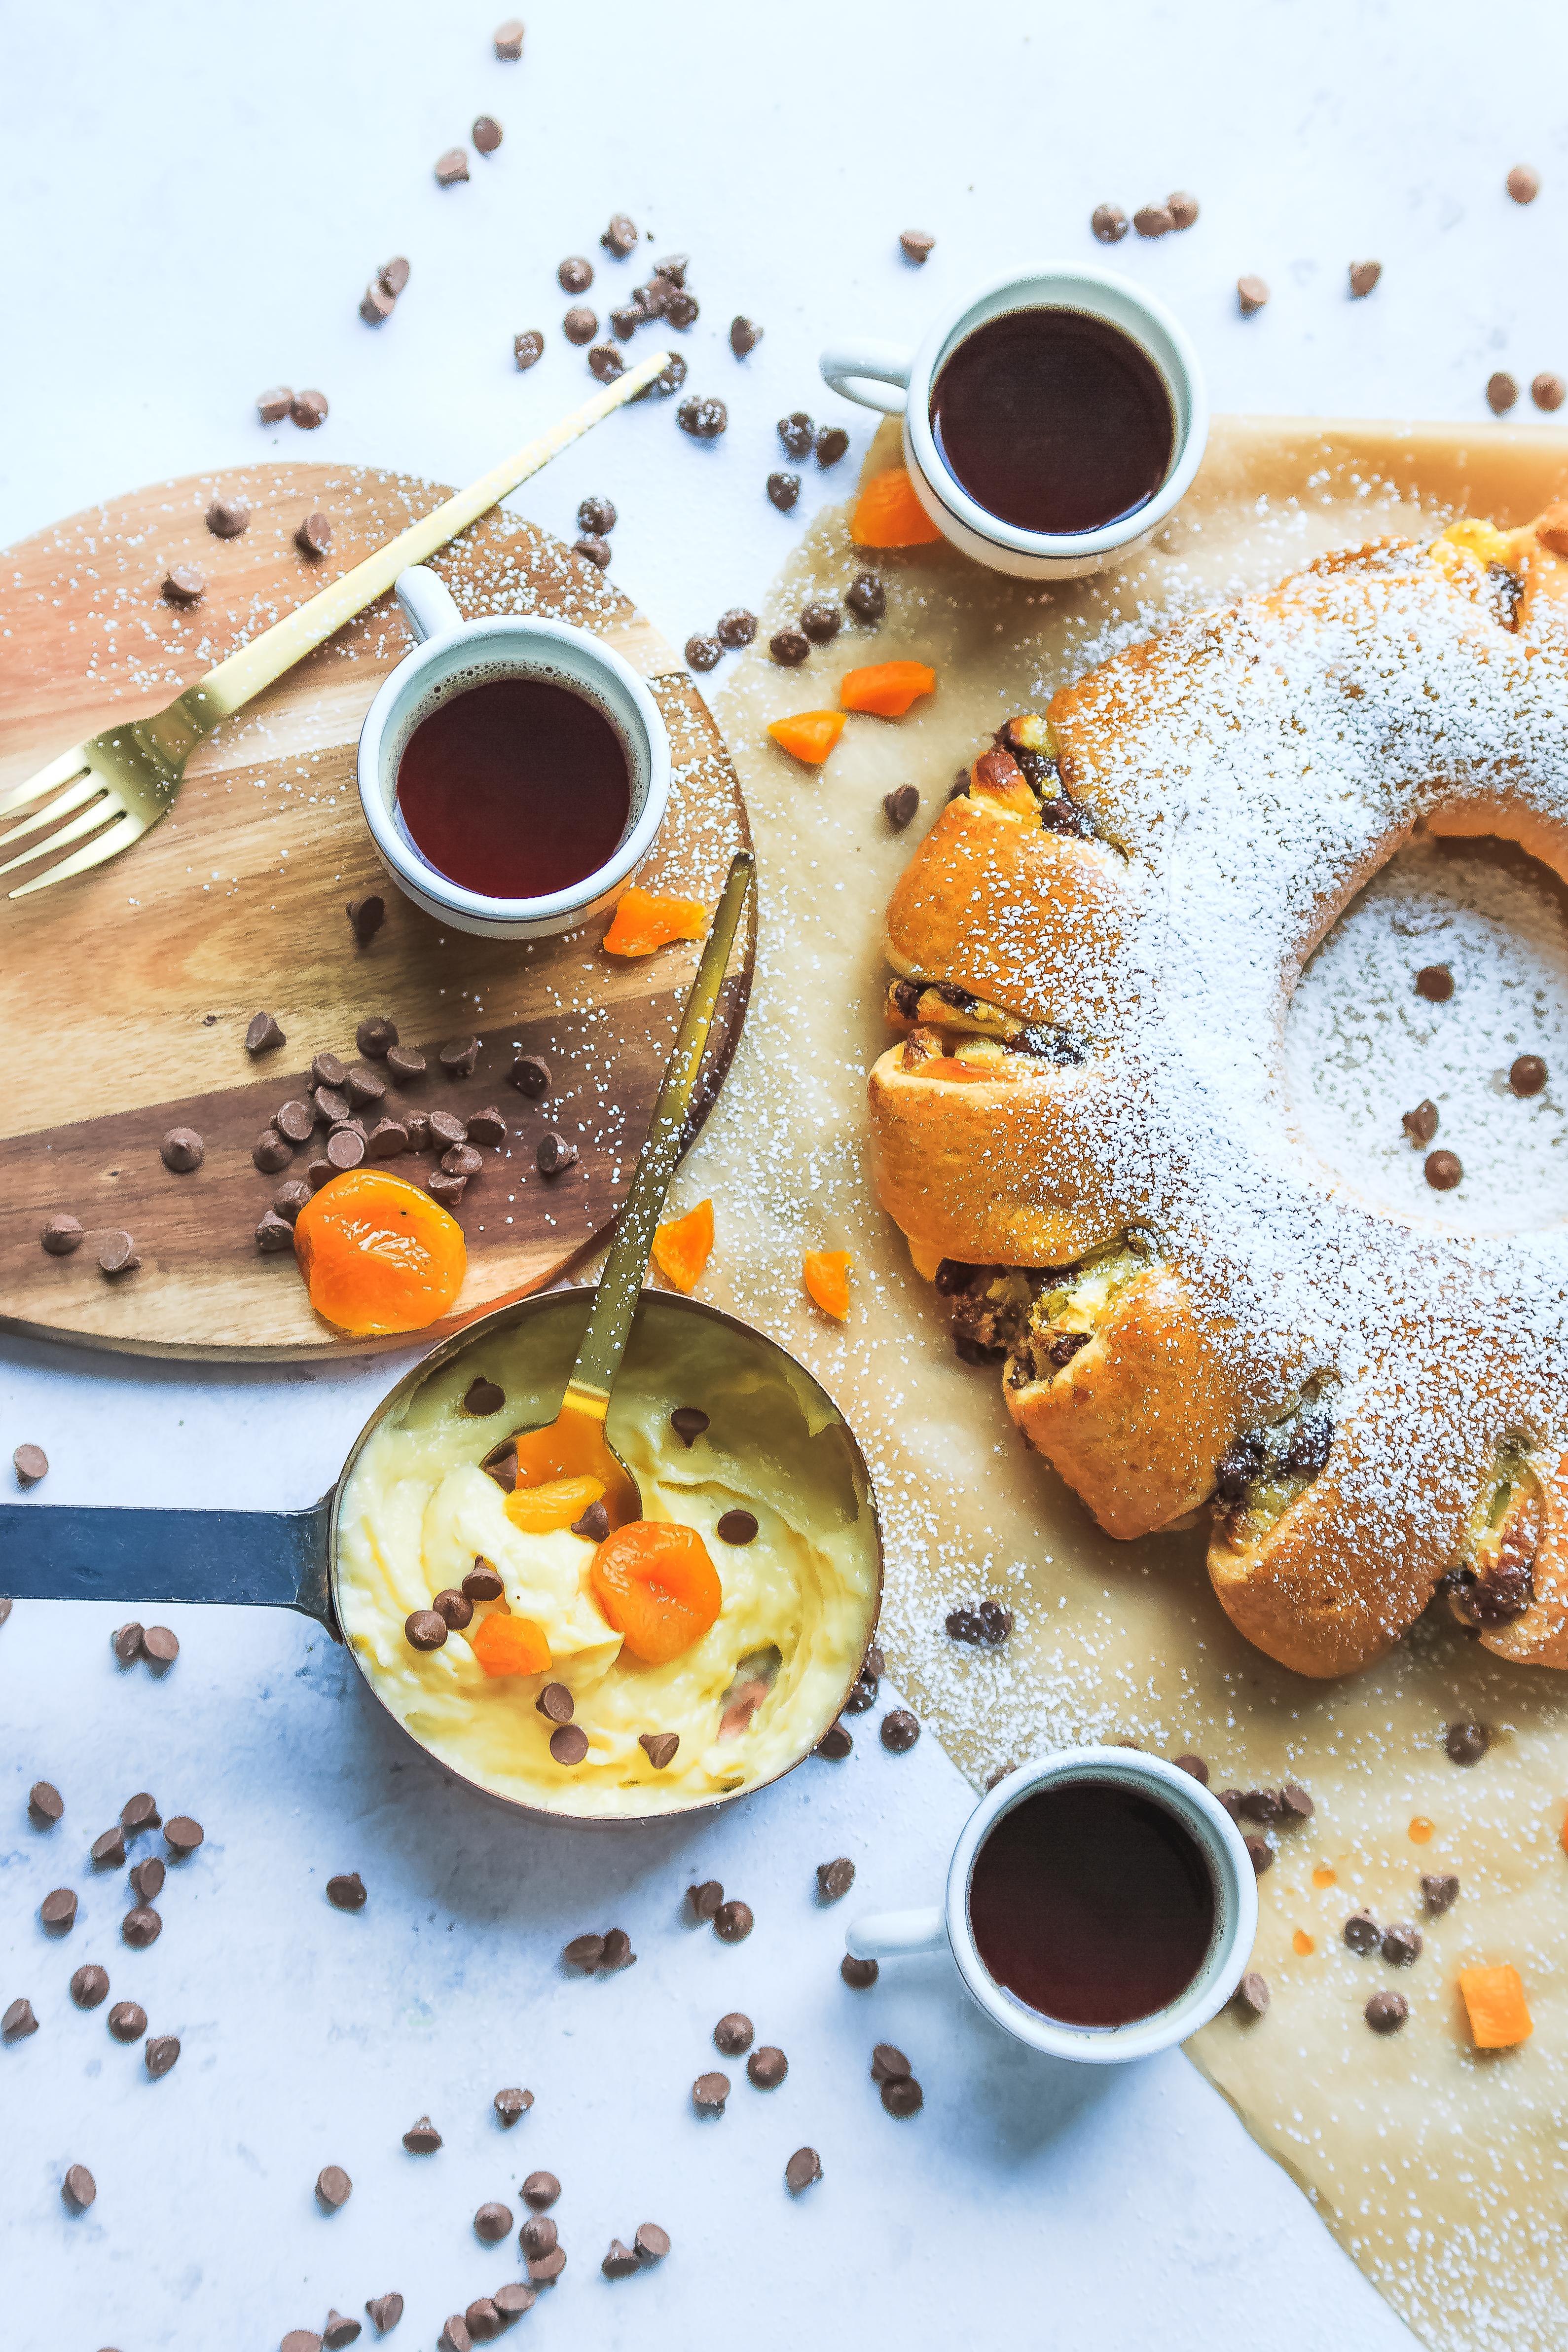 Recette Brioche Couronne à l'abricot et chocolat